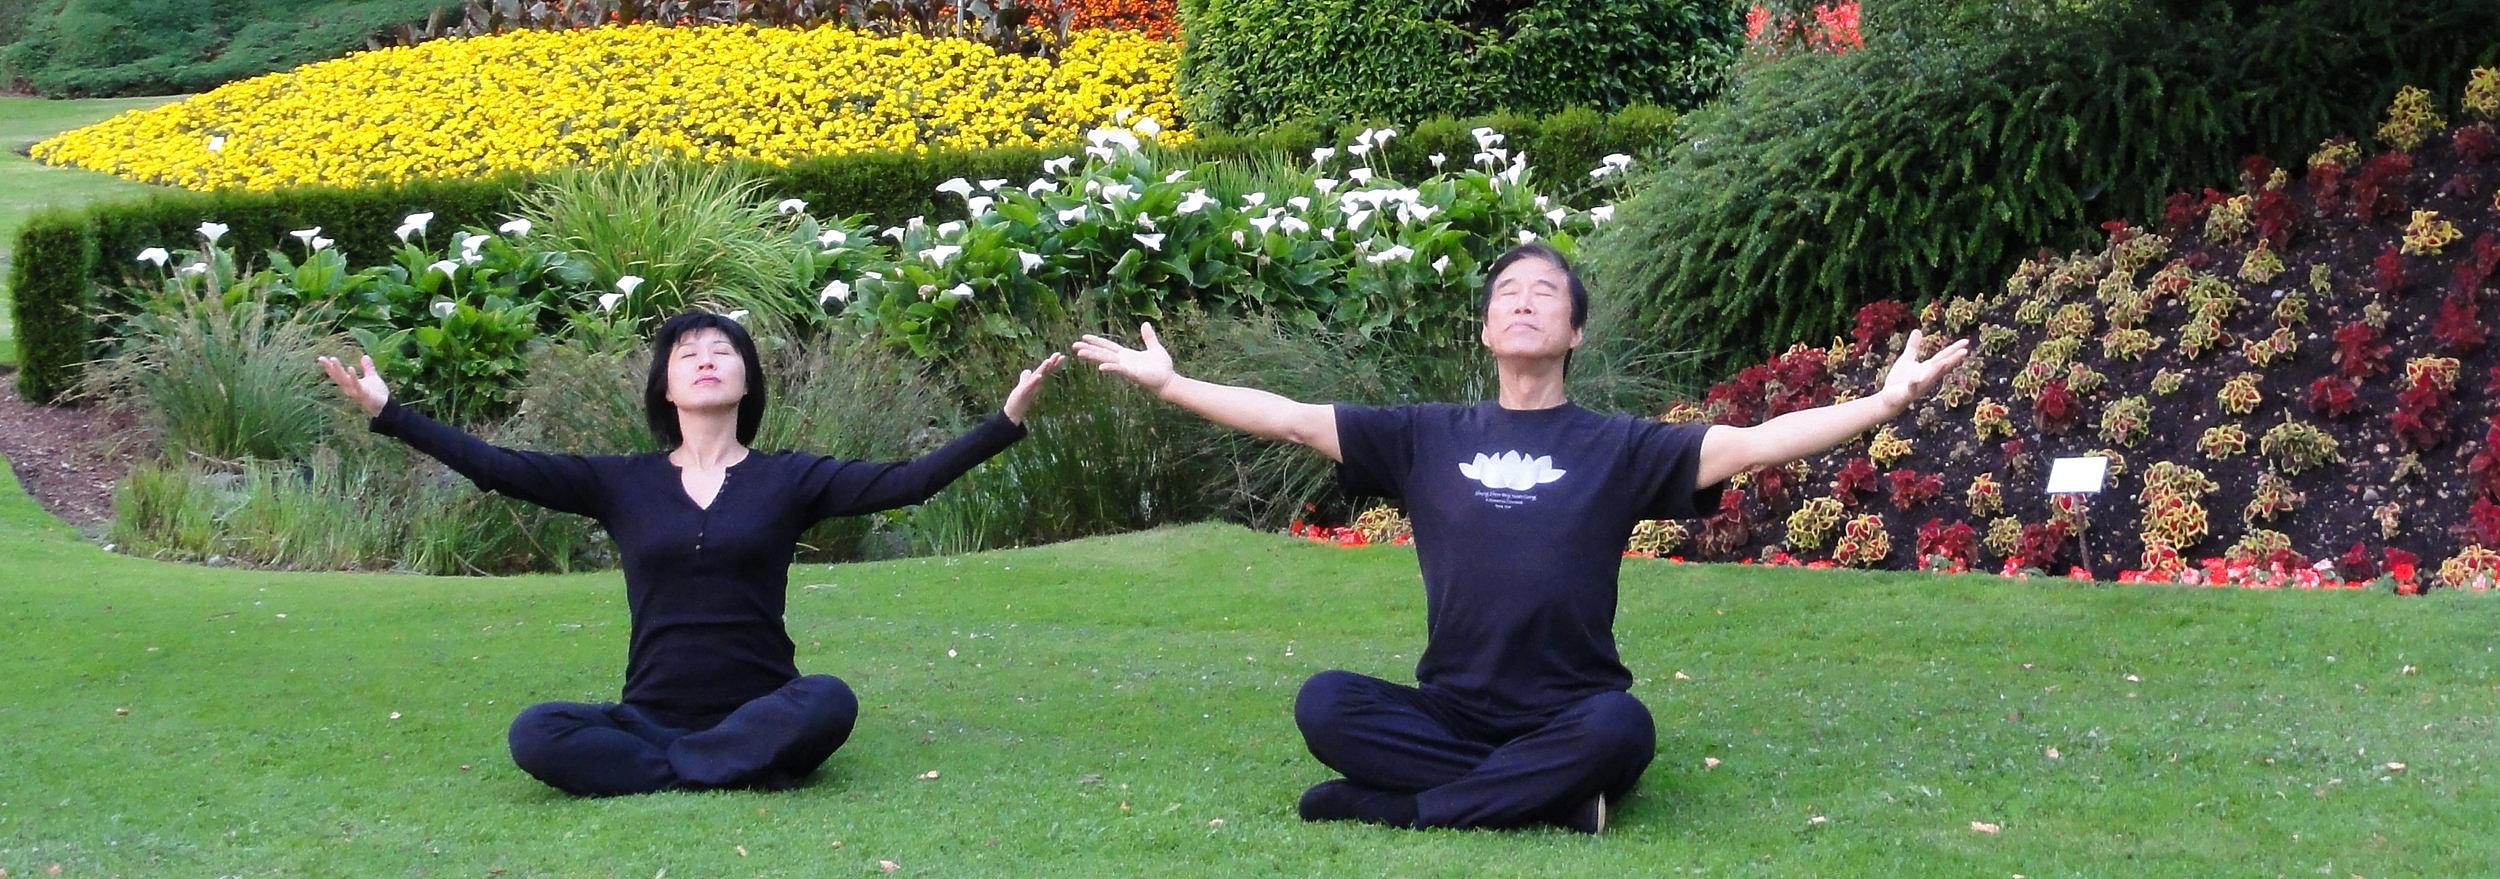 Master Li and Jing, Vancouver.JPG